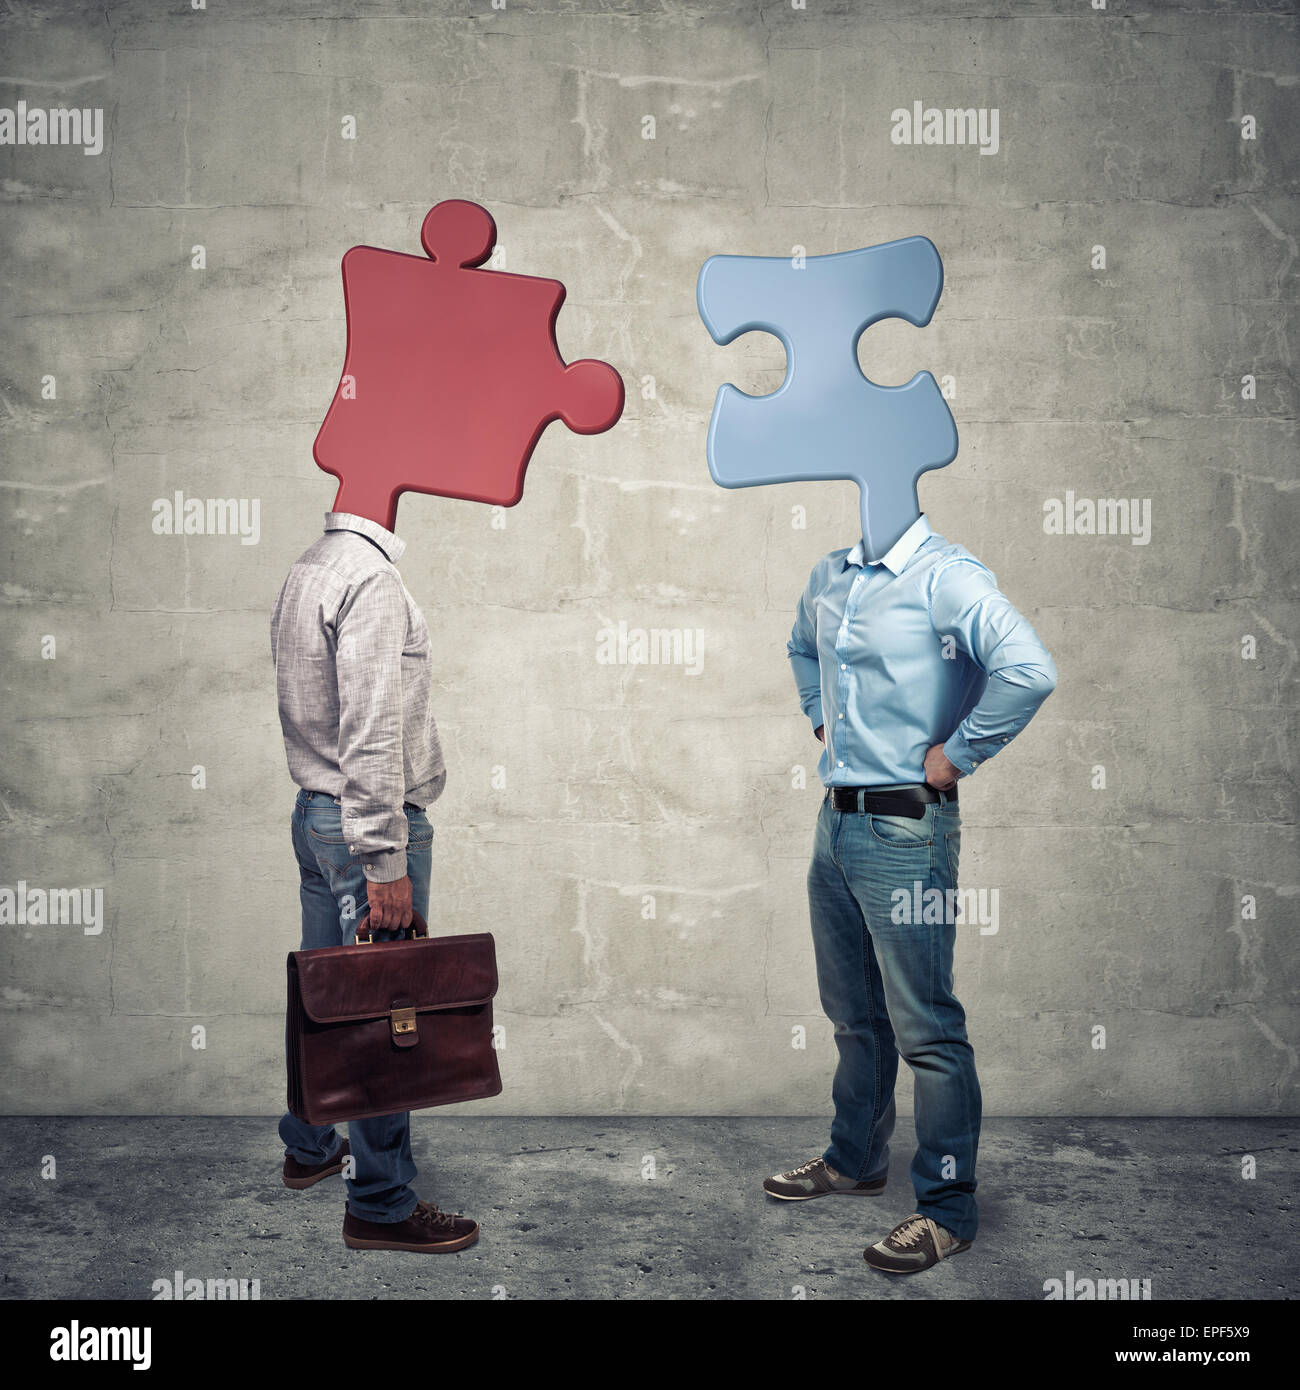 abstraktes Bild von Menschen Affinität Geschäftskonzept Stockbild